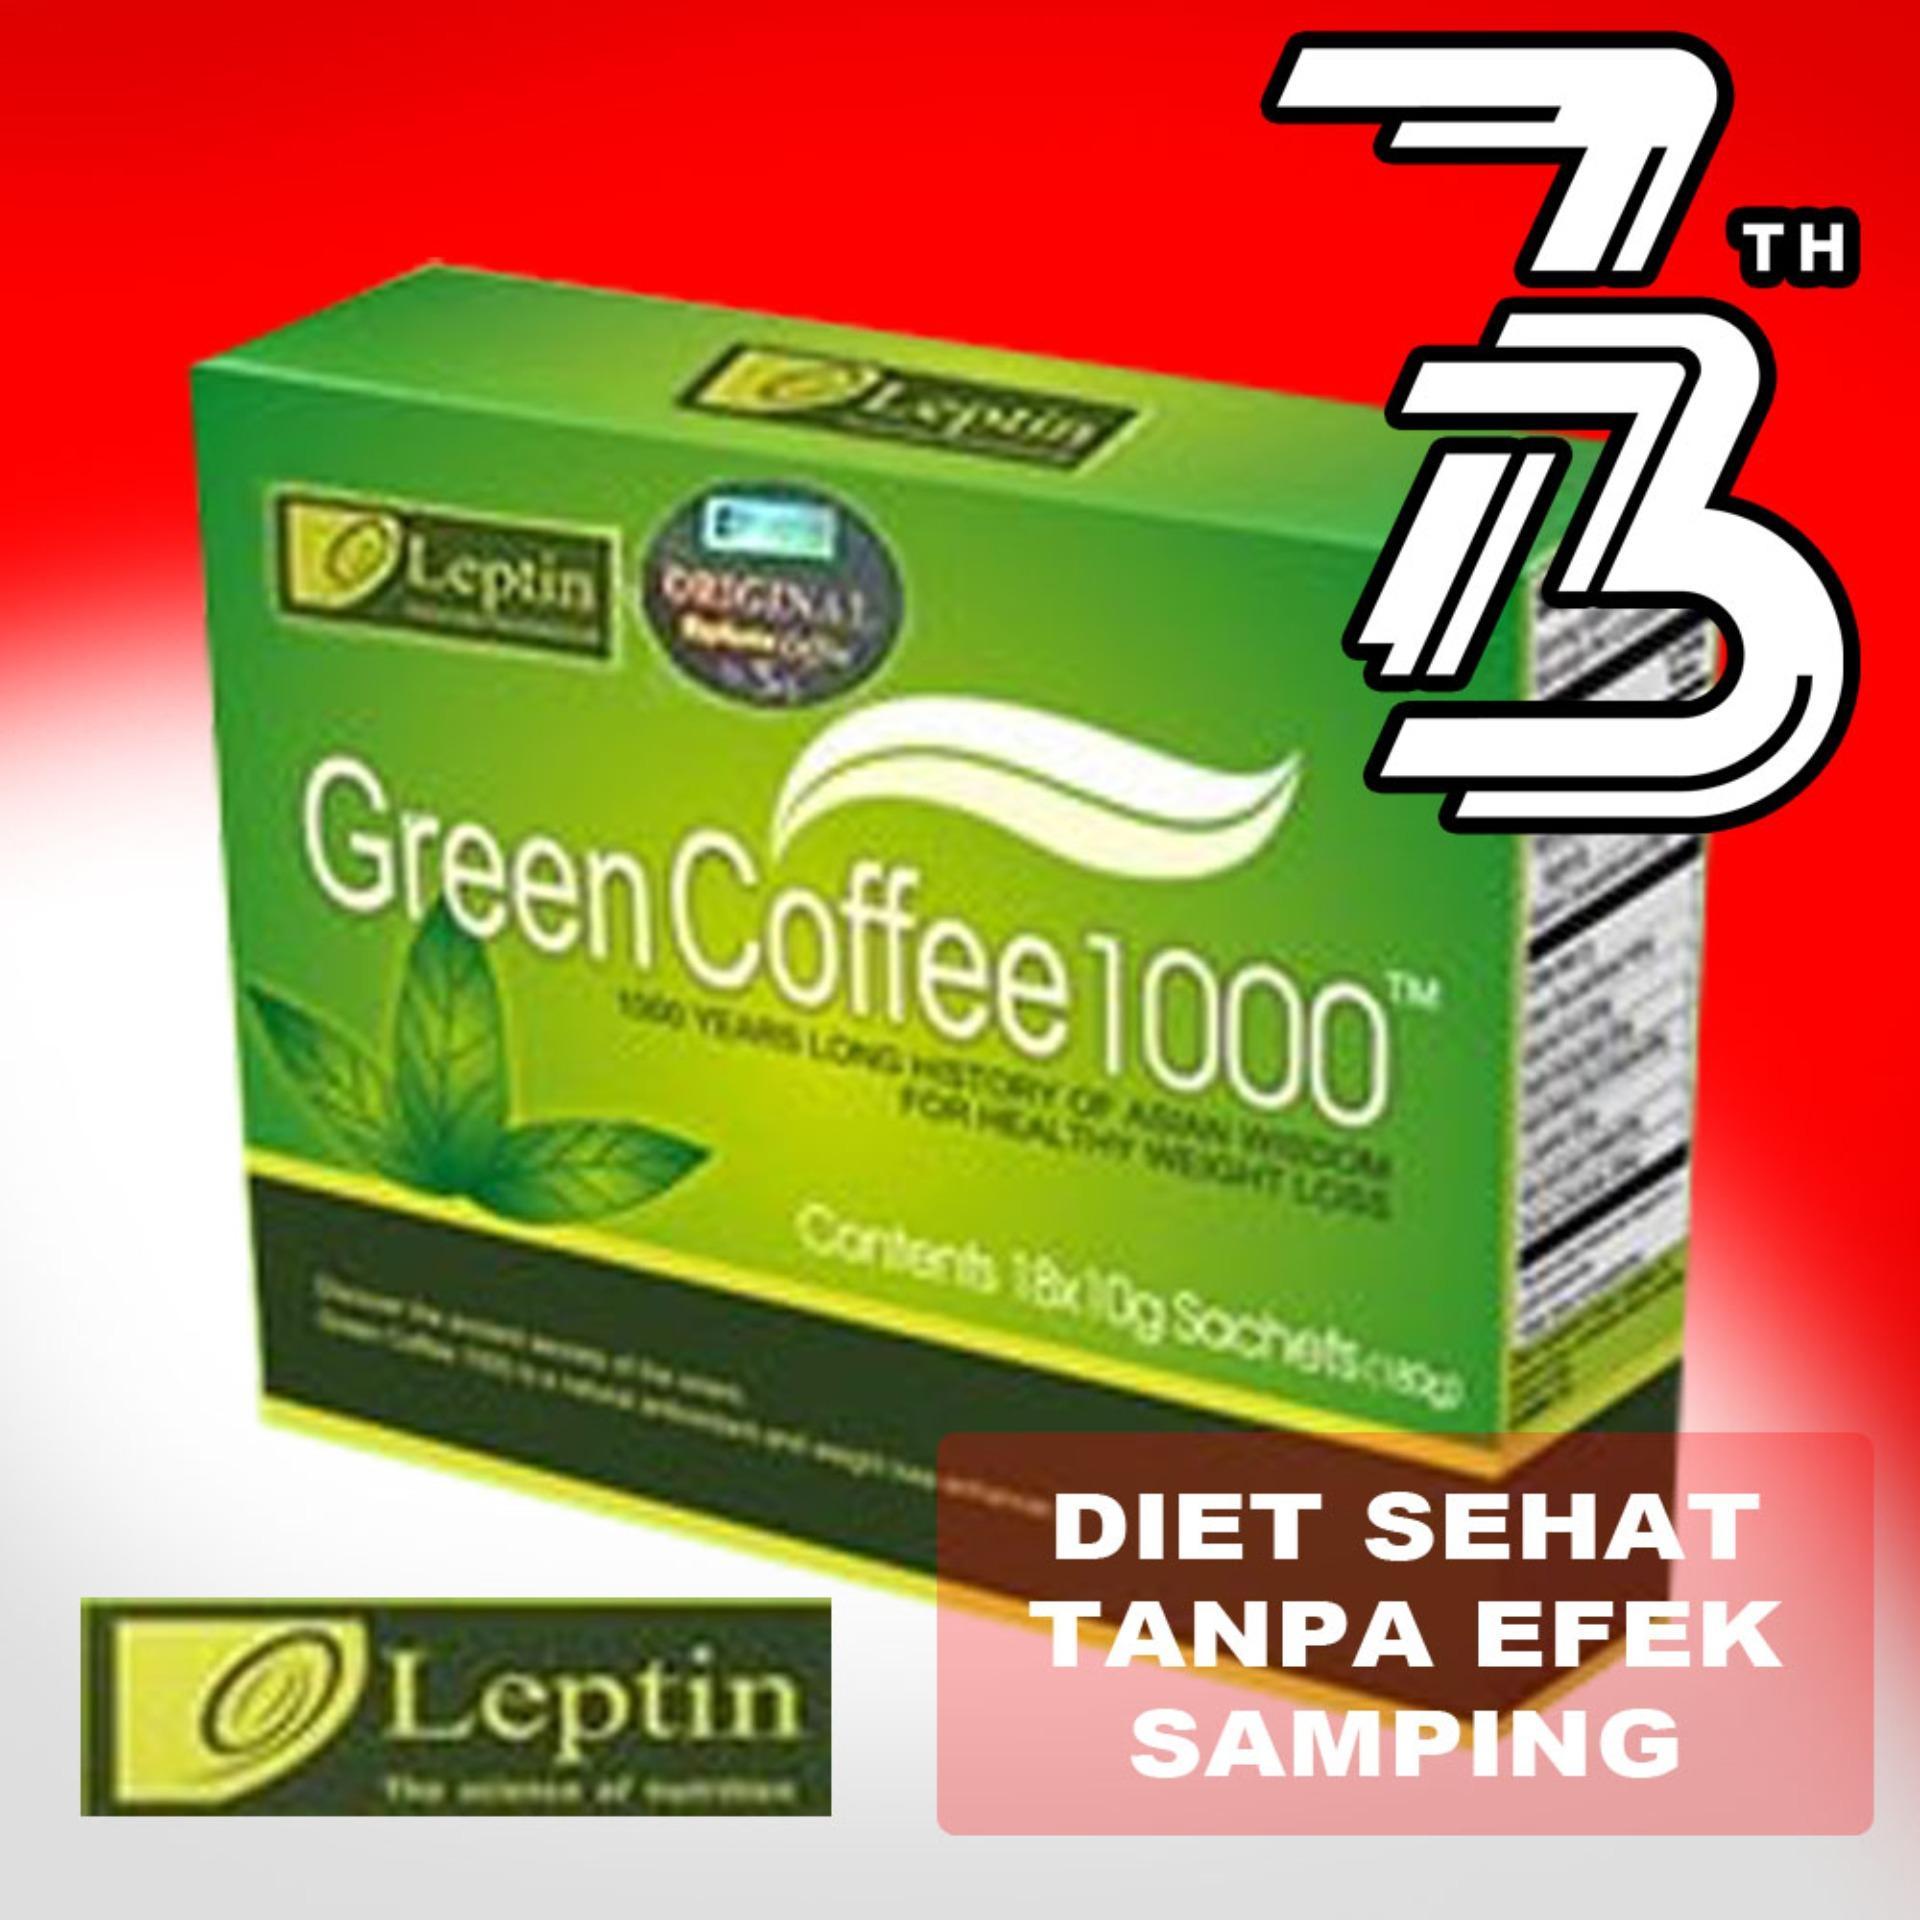 Pengatur Berat Badan Alami Obat Pelangsing Fleecy Bangle Tea Original Leptin Green Cofee 1000 1box Isi 18sachet